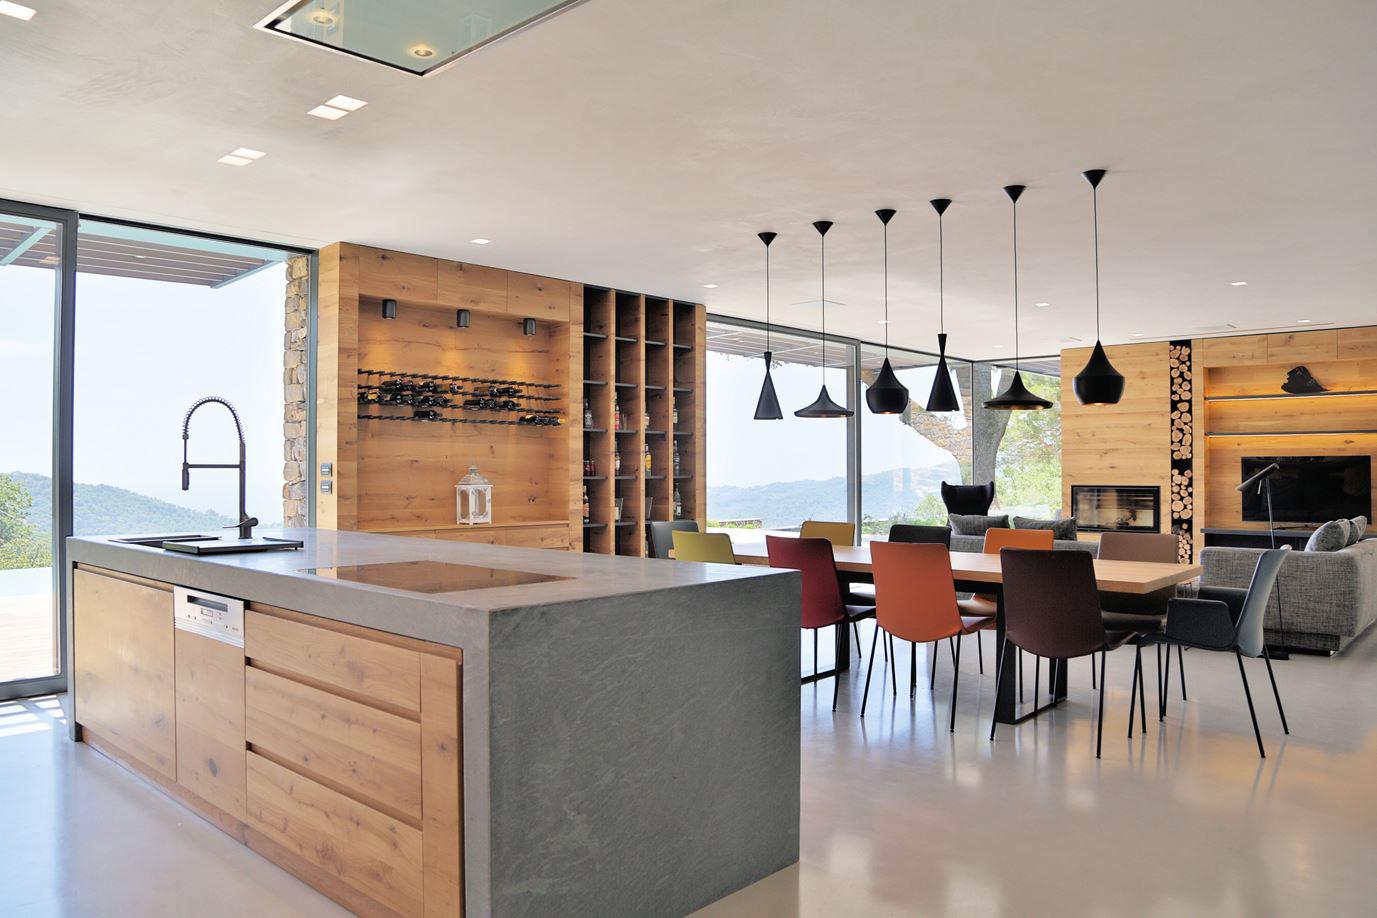 طراحی آشپزخانه ویلا مدرن